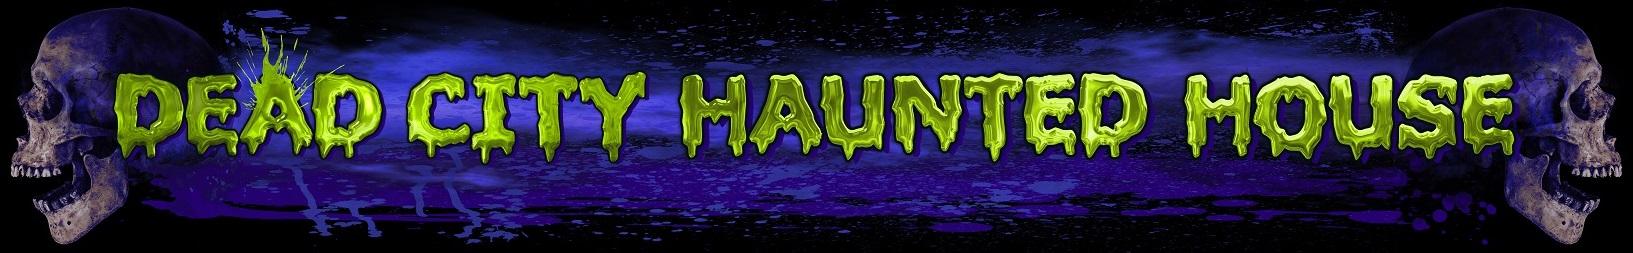 Join Utah Haunted House Dead City - Haunted House in Utah